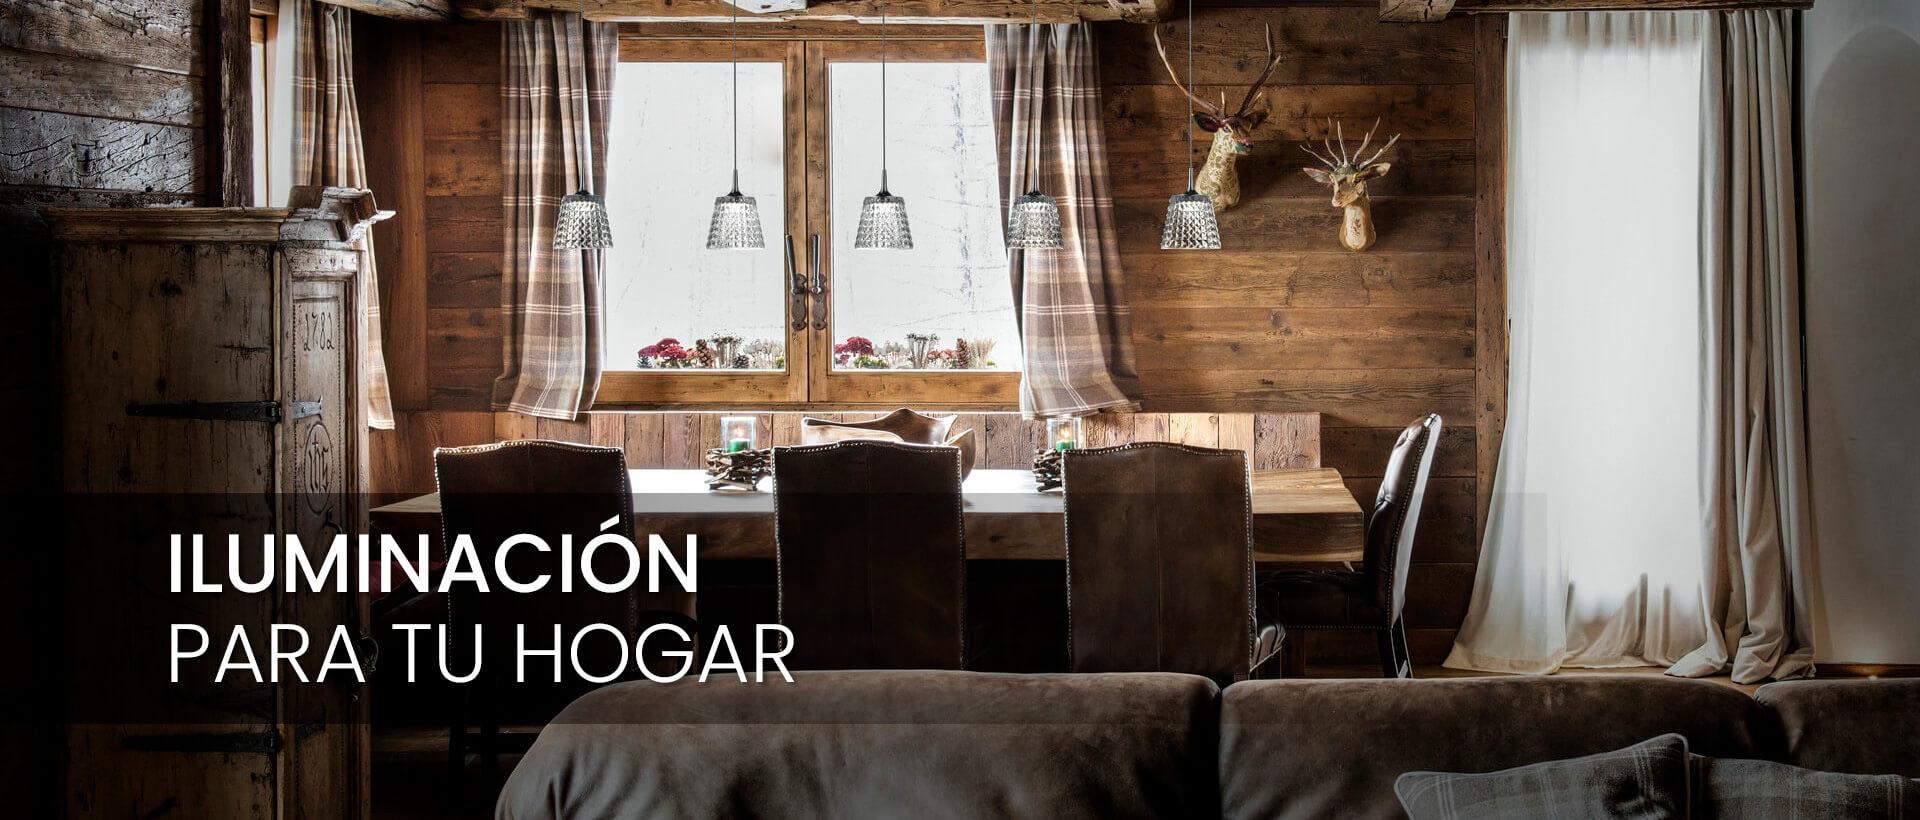 Convierte tu casa en un hogar con nuestras lámparas